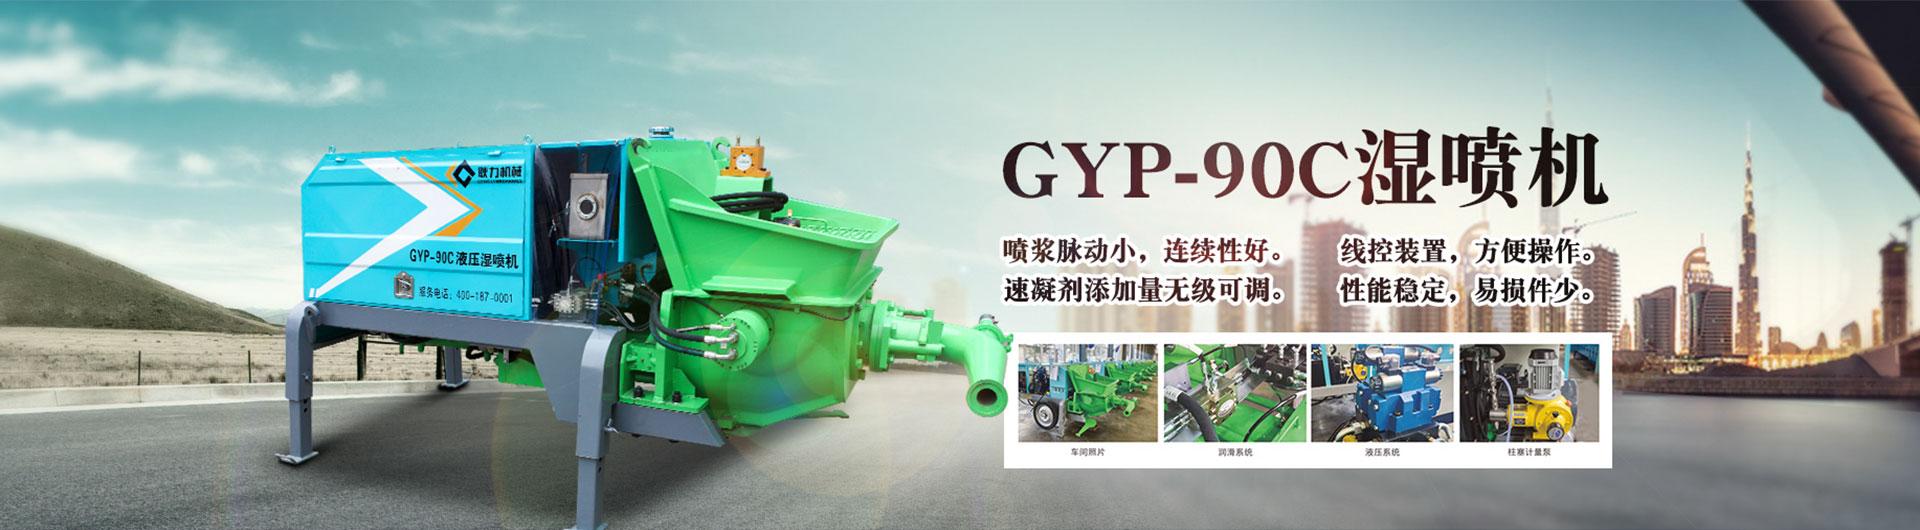 GYP-90C